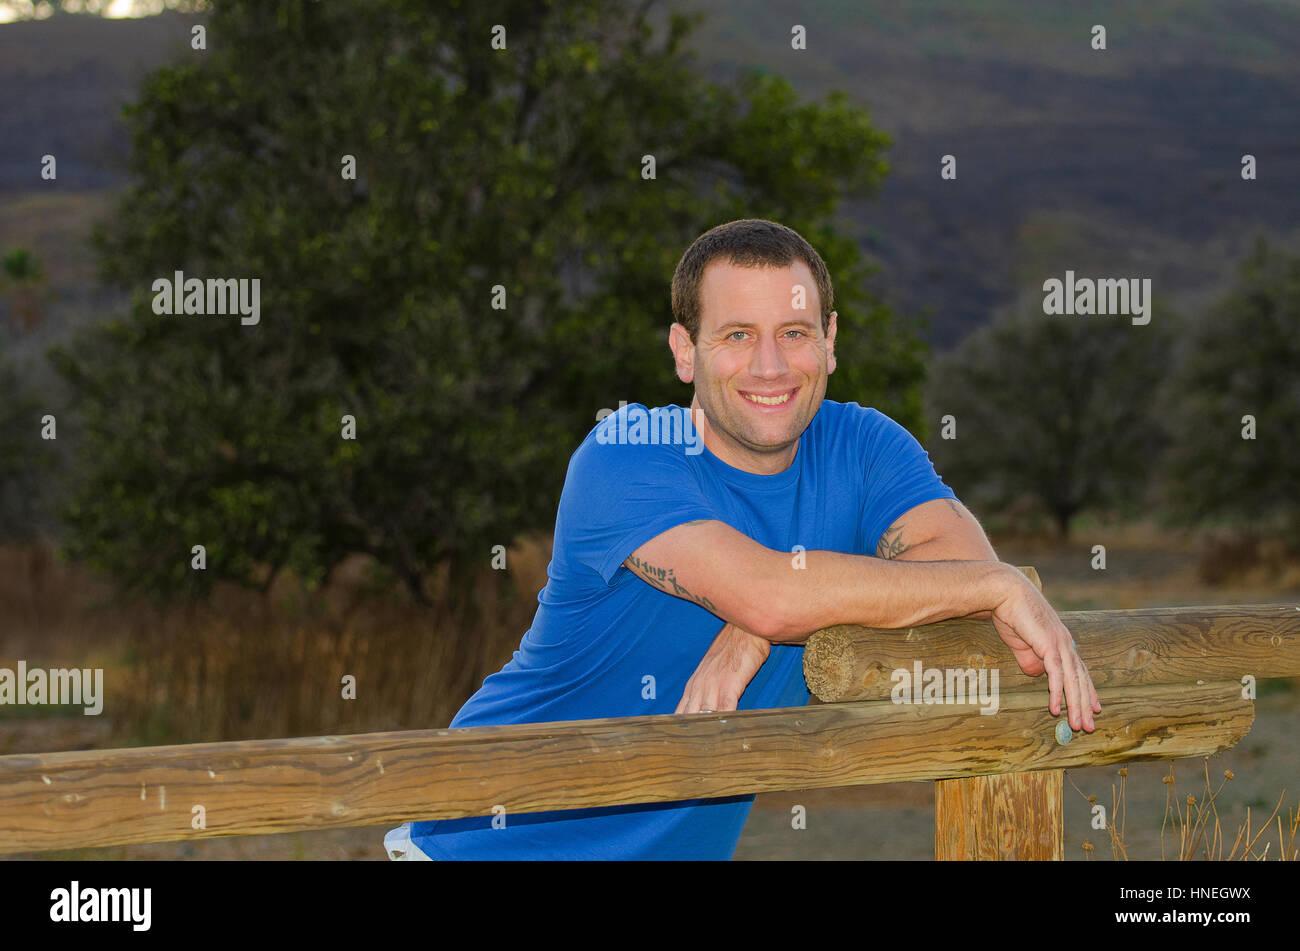 Smiling man sur une clôture en bois profitant du plein air Photo Stock